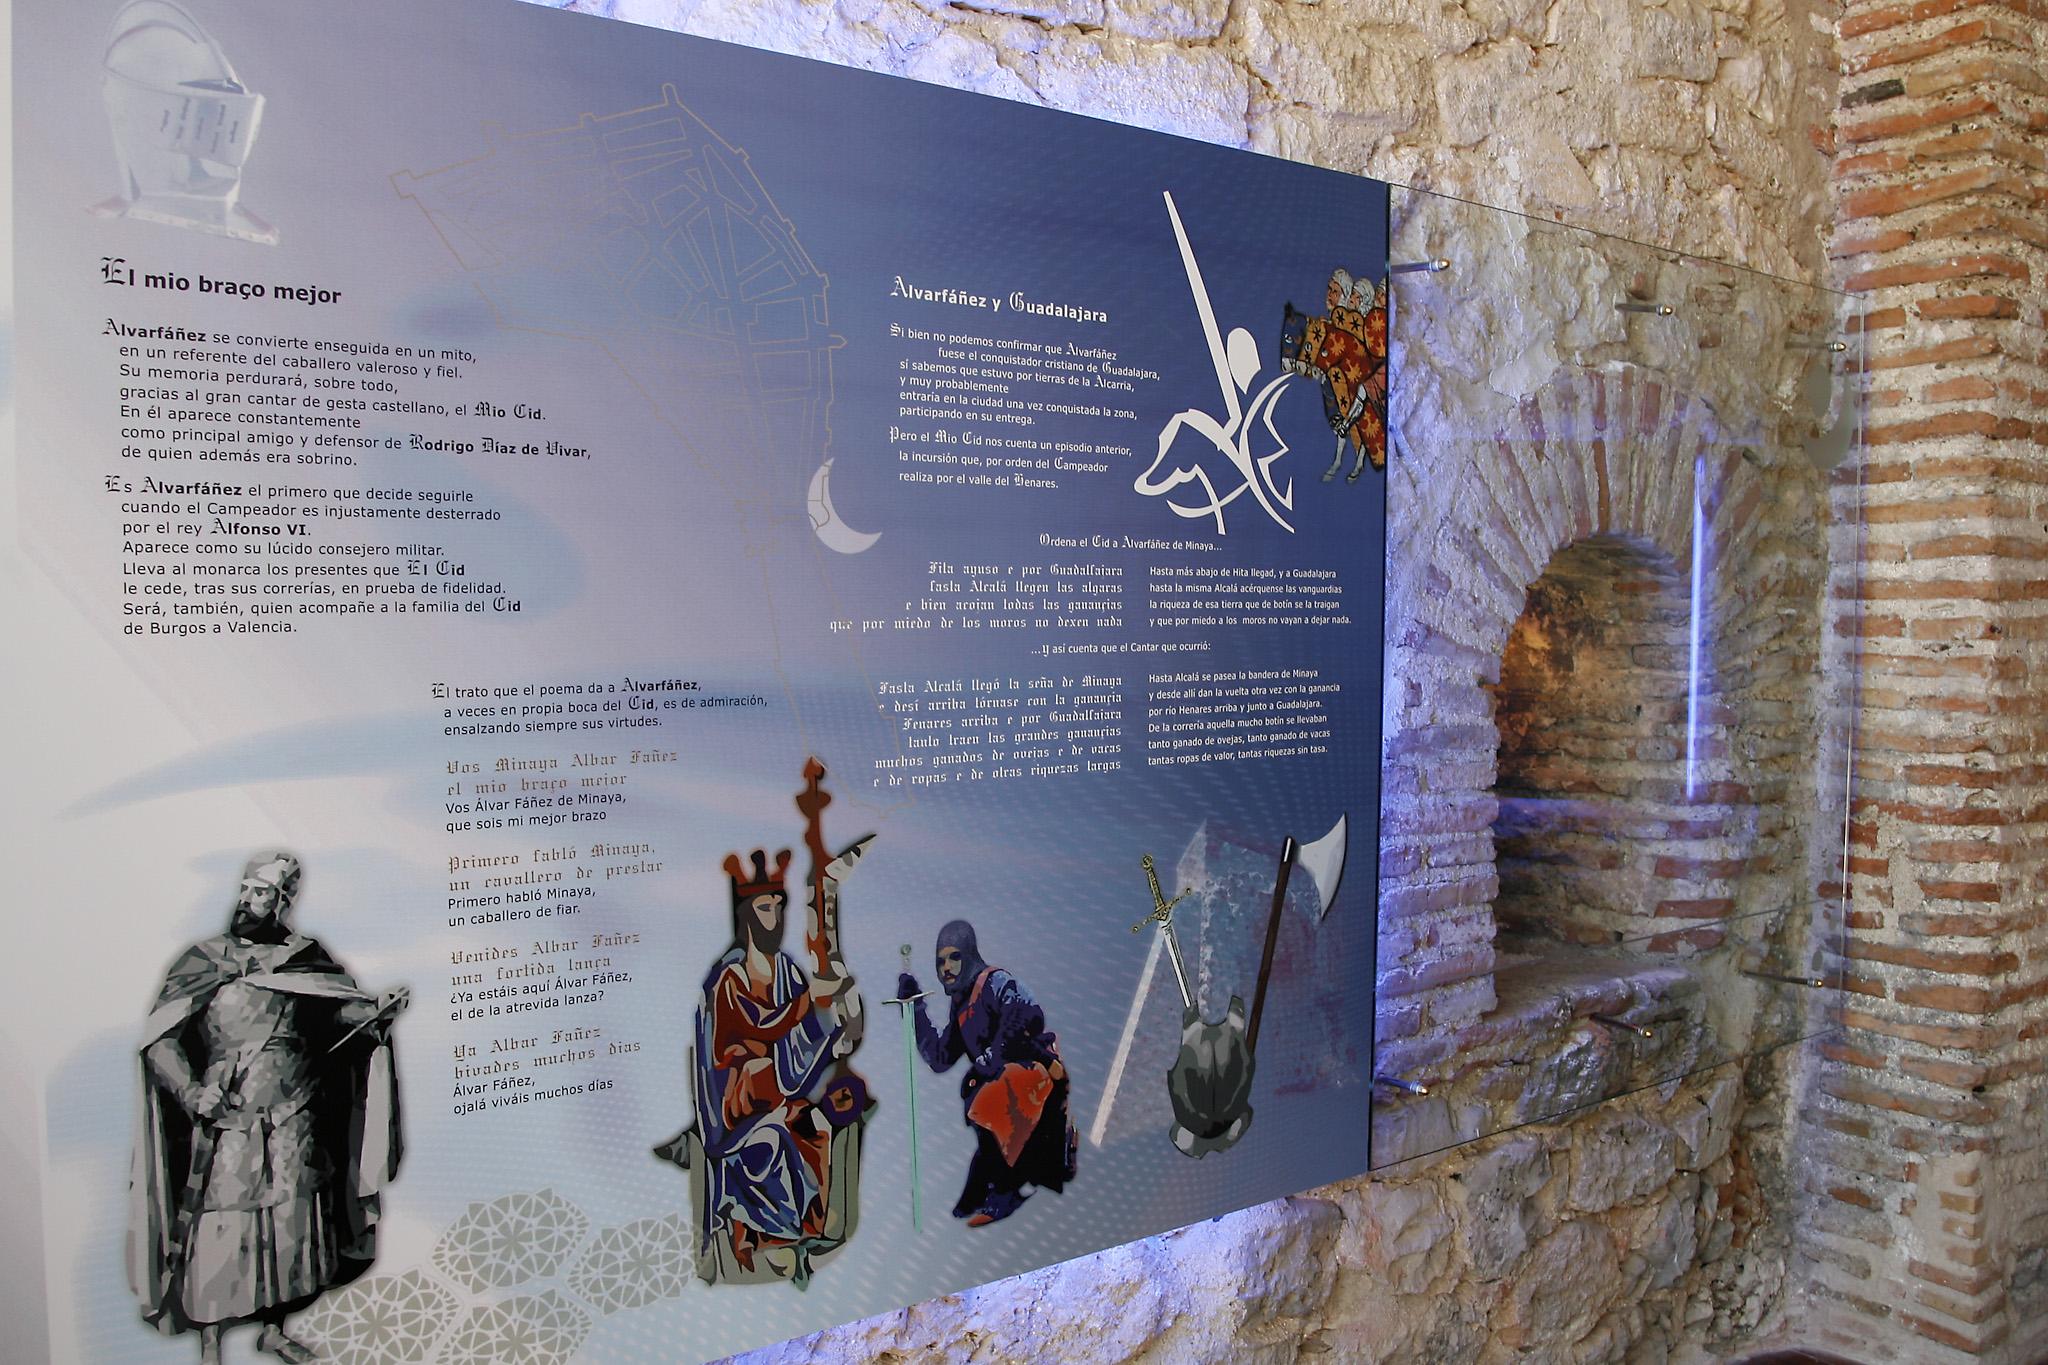 La  reconquista de la ciudad y la legendaria figura de Álvar Fáñez de Minaya, detalle monumental de junio